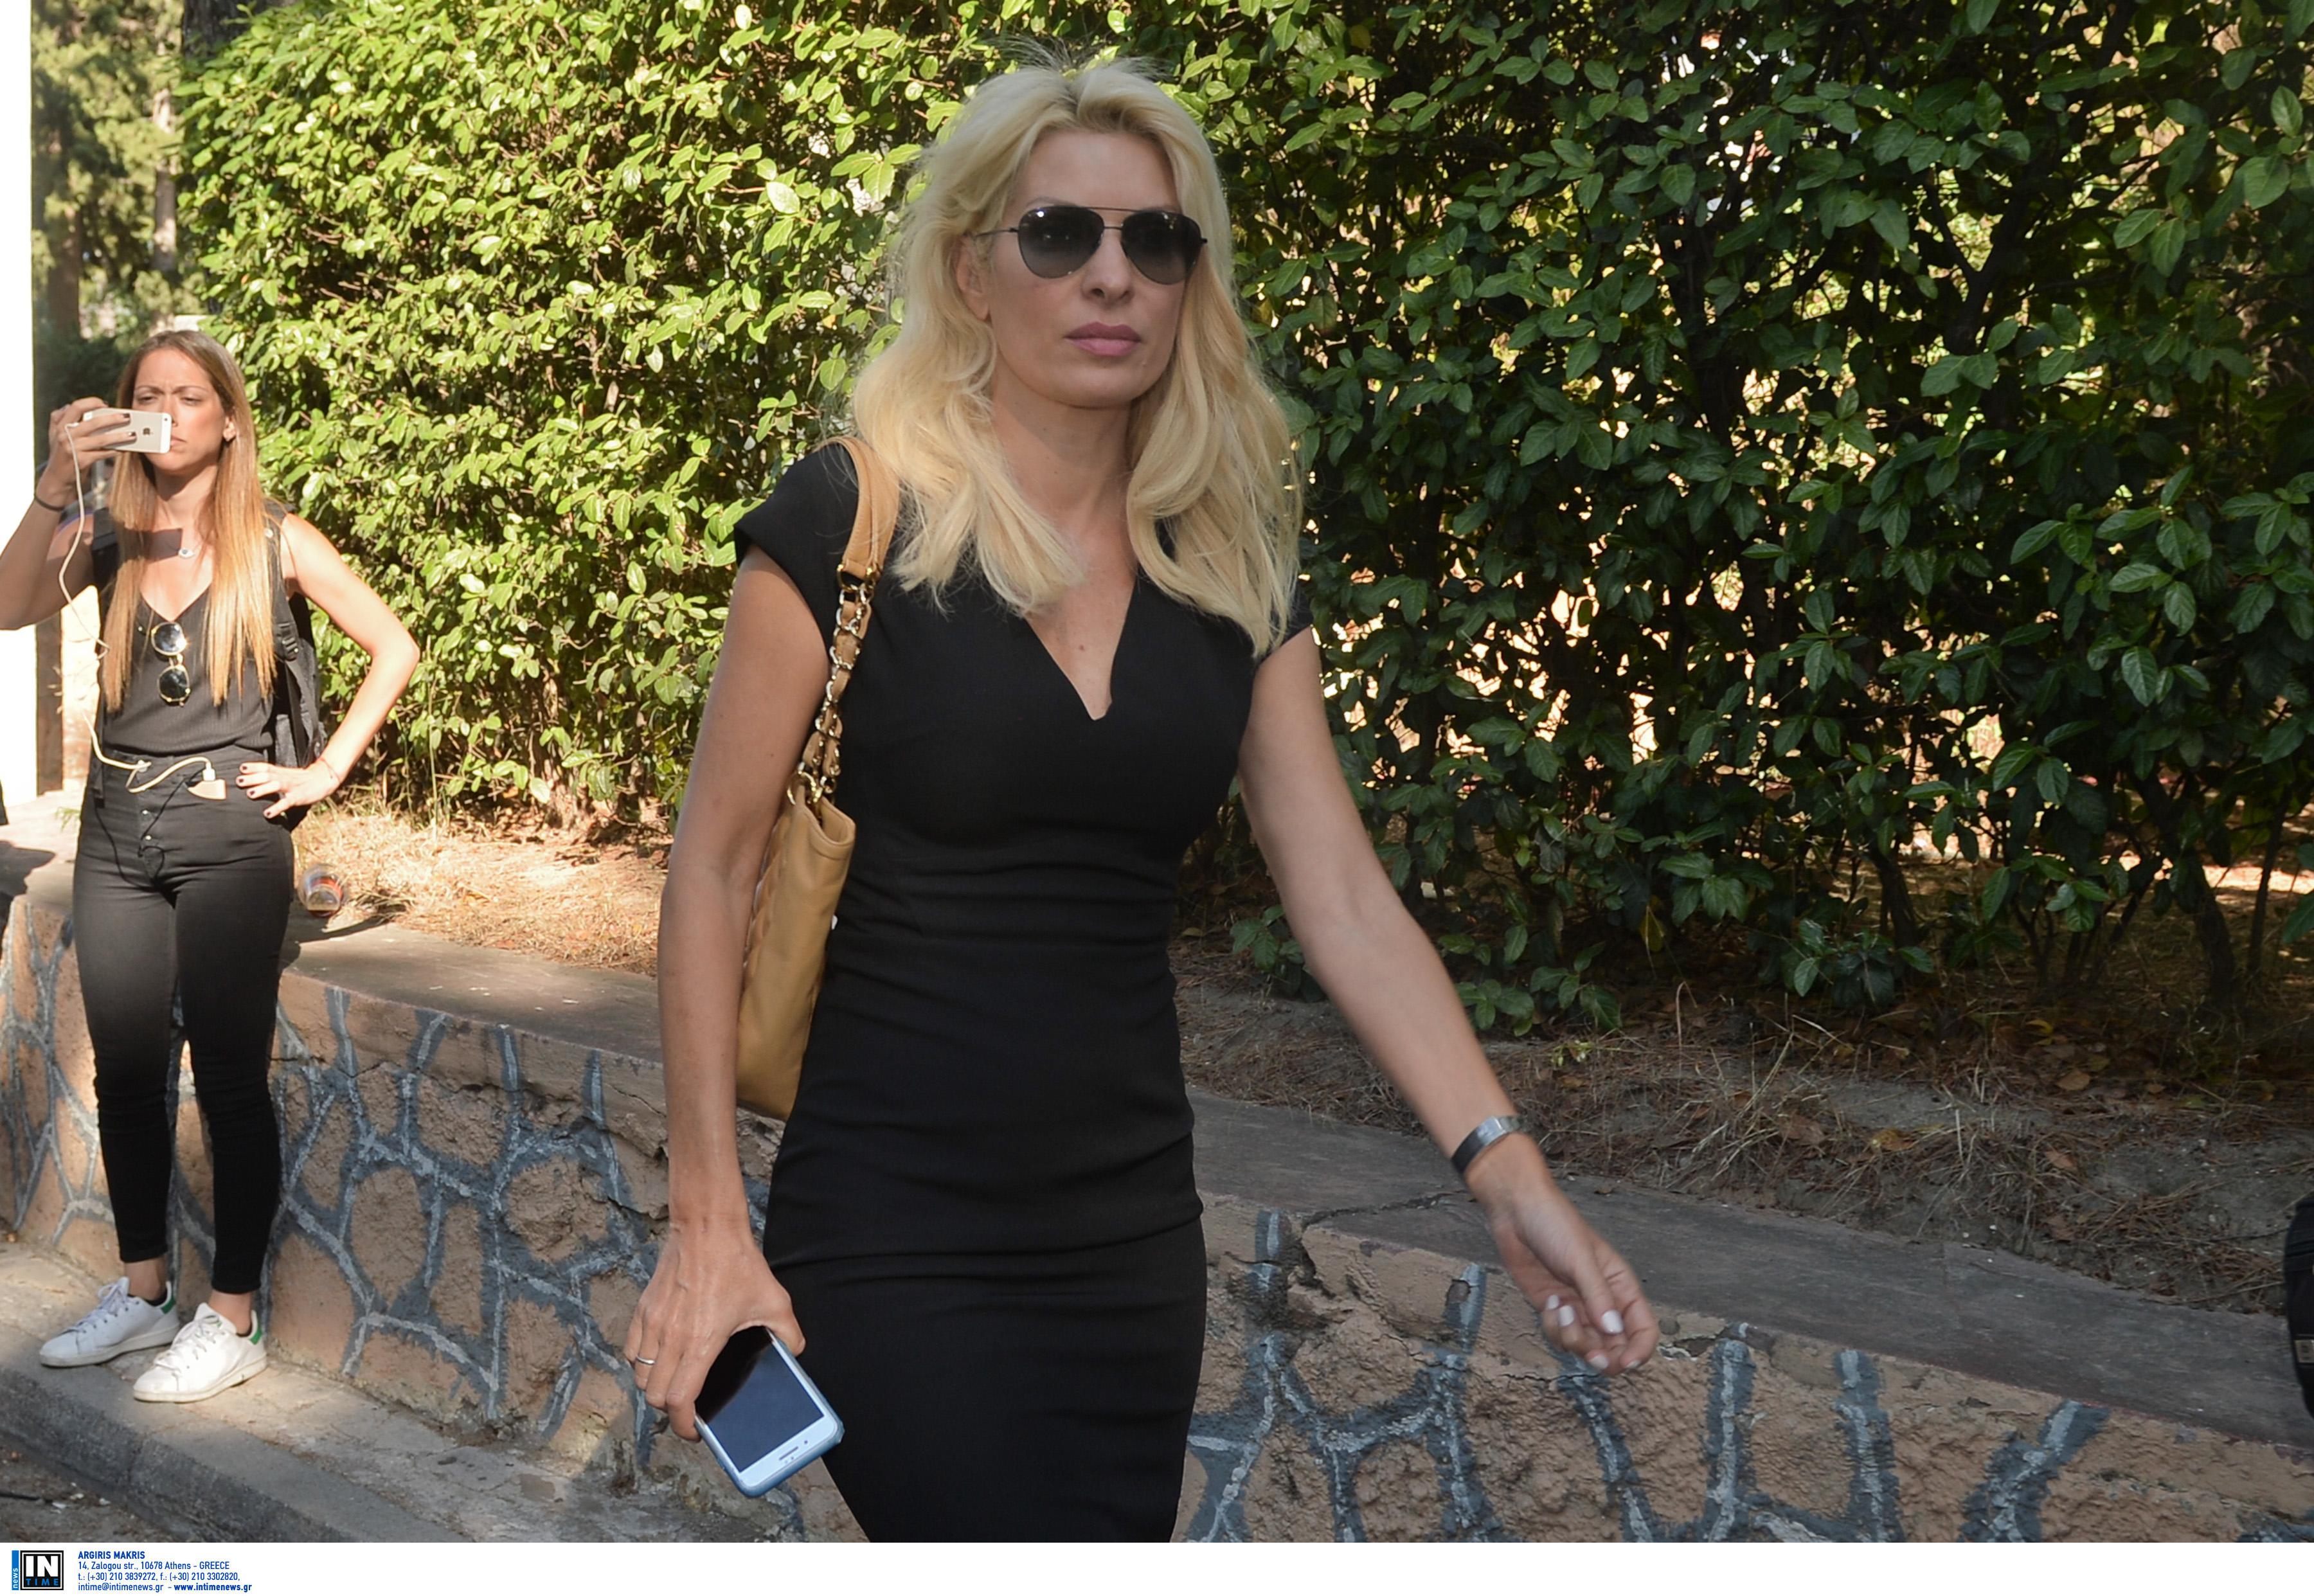 Τέλος η Ελένη Μενεγάκη από τον ALPHA;